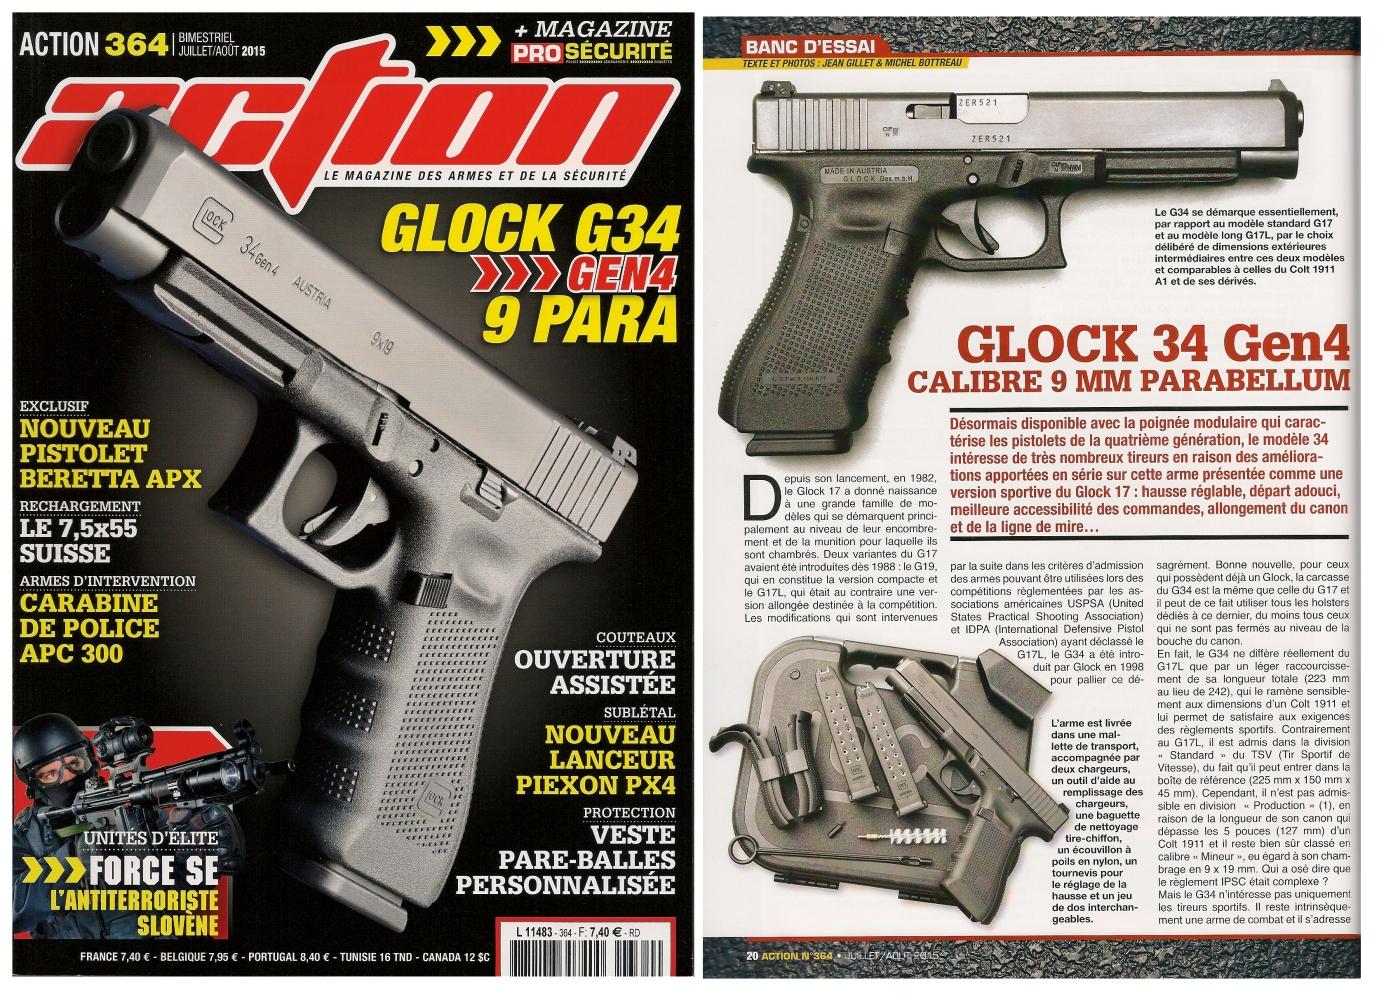 Le banc d'essai du pistolet Glock 34 Gen4 a été publié sur 6 pages dans le magazine Action n° 364 (juillet-août 2015).